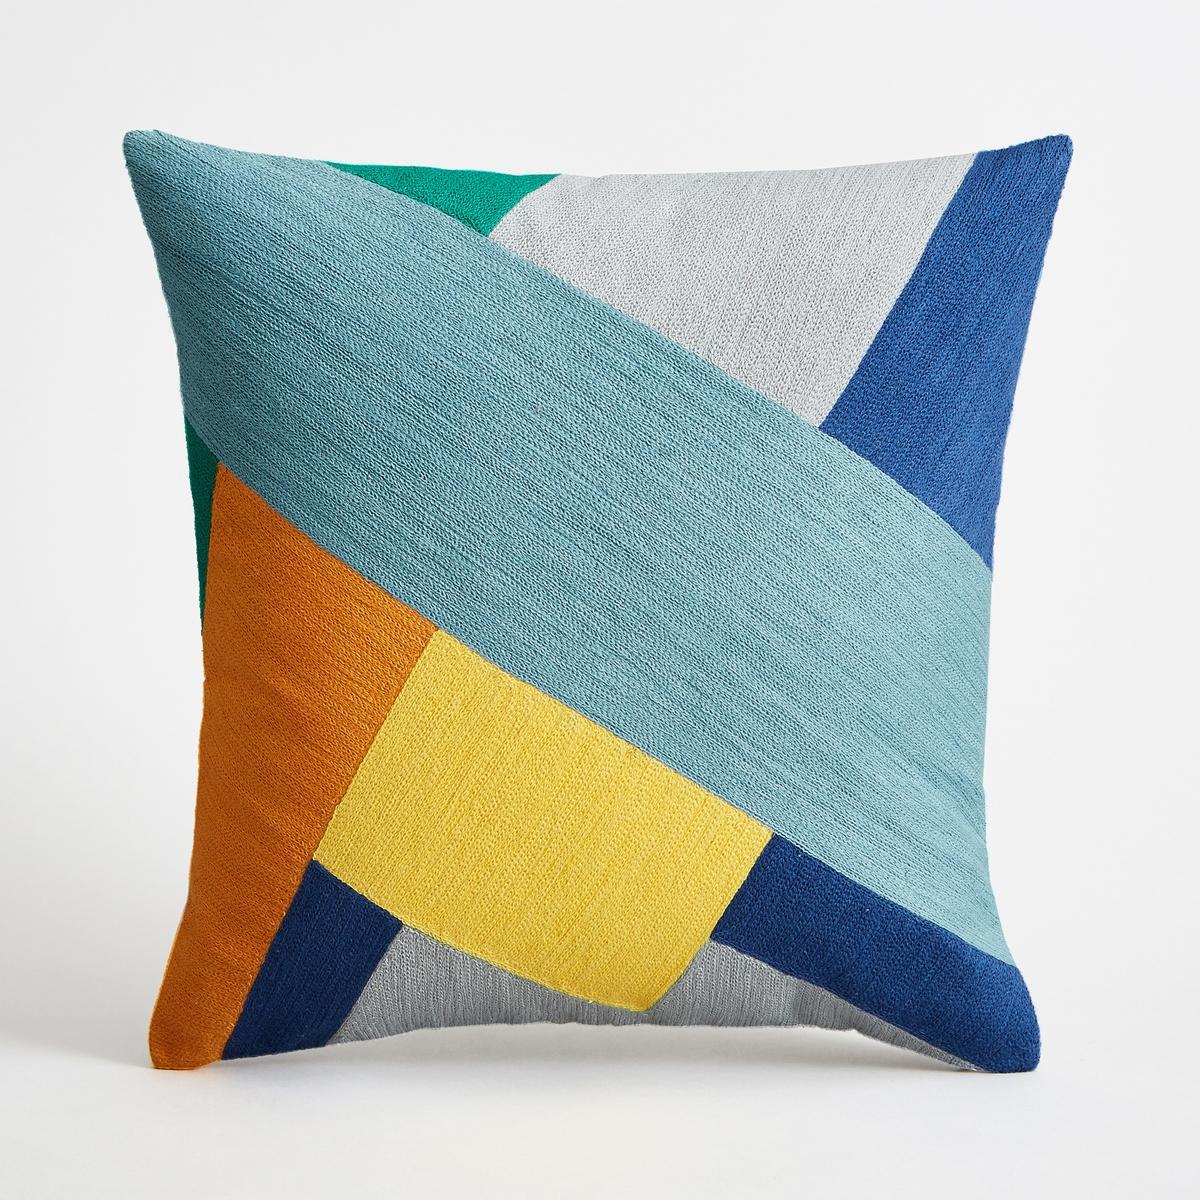 Наволочка на подушку-валик, SaddlerНаволочка на подушку-валик Saddler. Вышитый графический рисунок синего, оранжевого и желтого цветов в виде лоскутов ткани. Однотонная оборотная сторона естественного цвета. Из 100% хлопка, на подкладке. Застежка на молнию наверху. Размеры : 45 x 45 см. Подушка продается отдельно.<br><br>Цвет: синий/ желтый